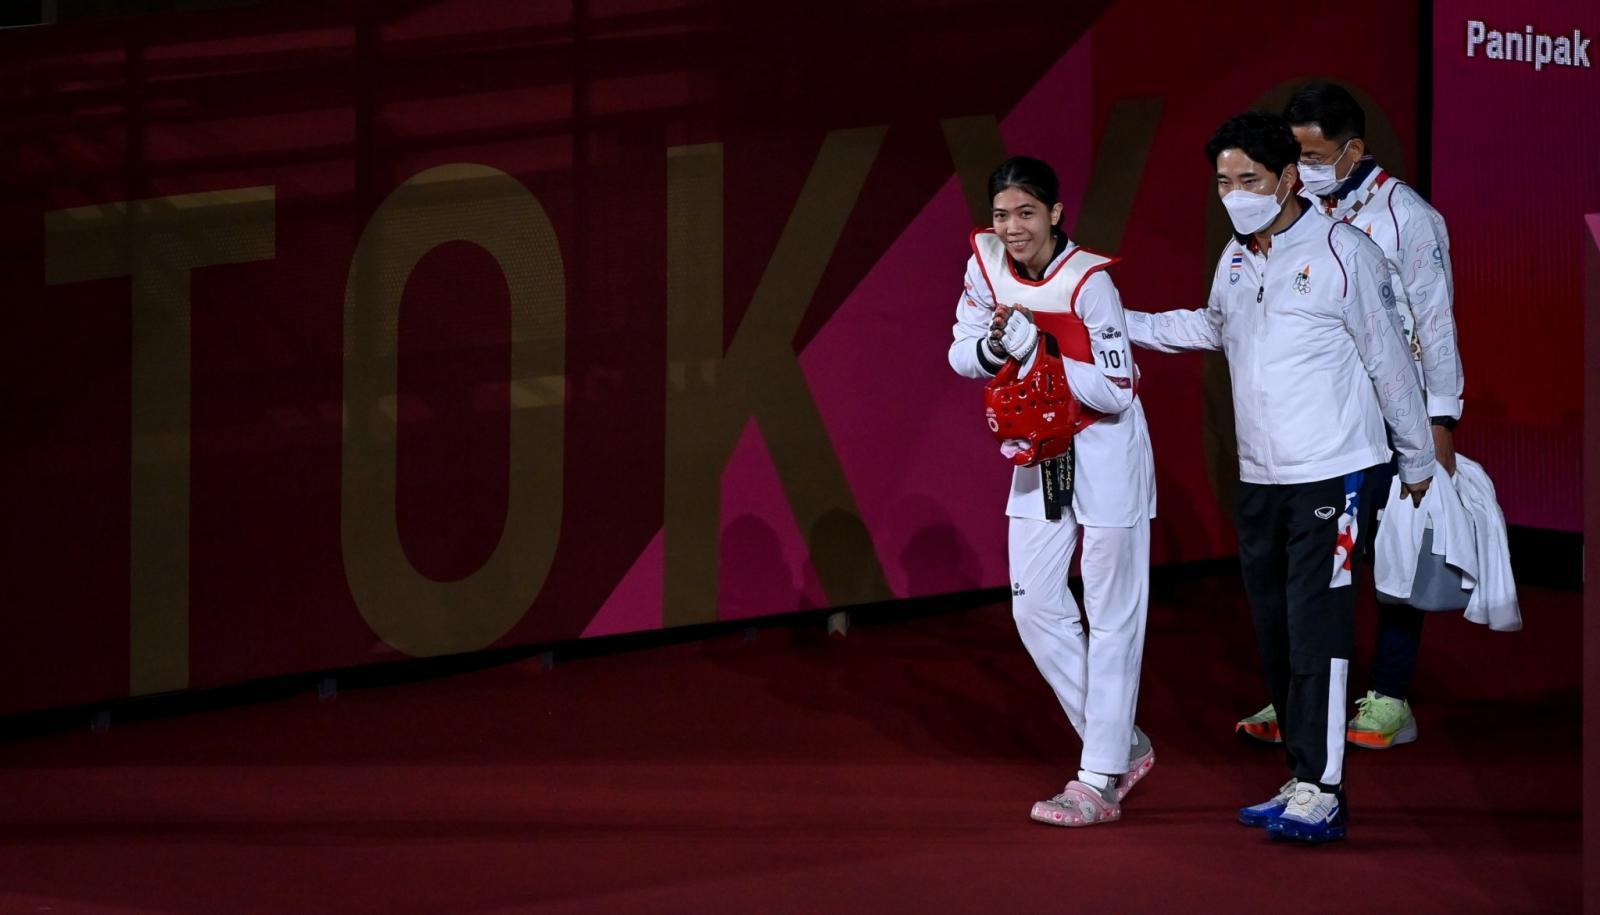 โค้ชเช โค้ชผู้สร้างชื่อเสียงเทควันโดไทยให้ดังสู่สายตาชาวโลก  03